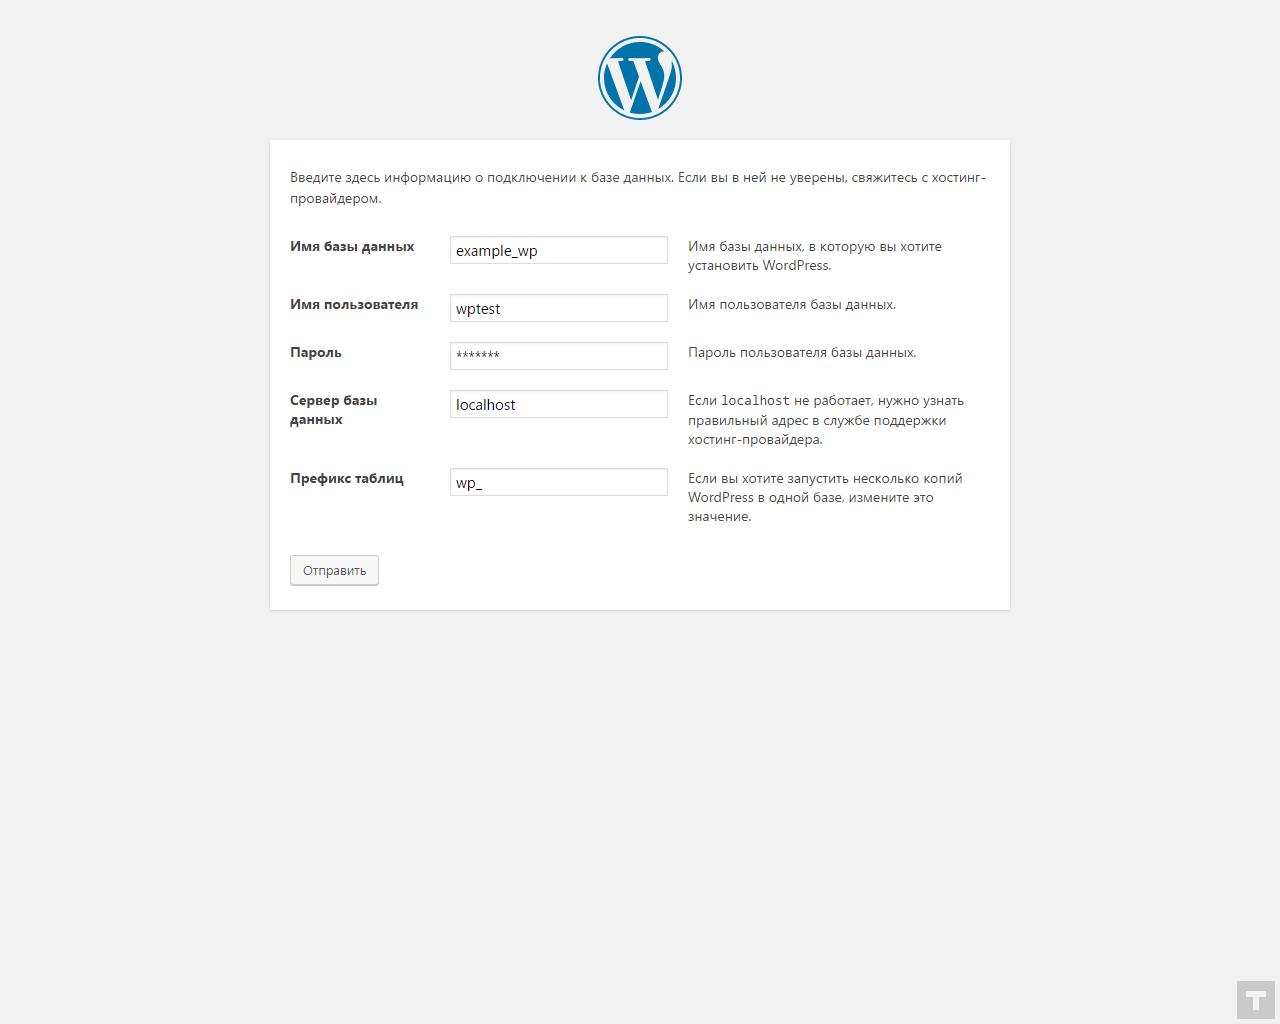 Данные для подключения WordPress к БД